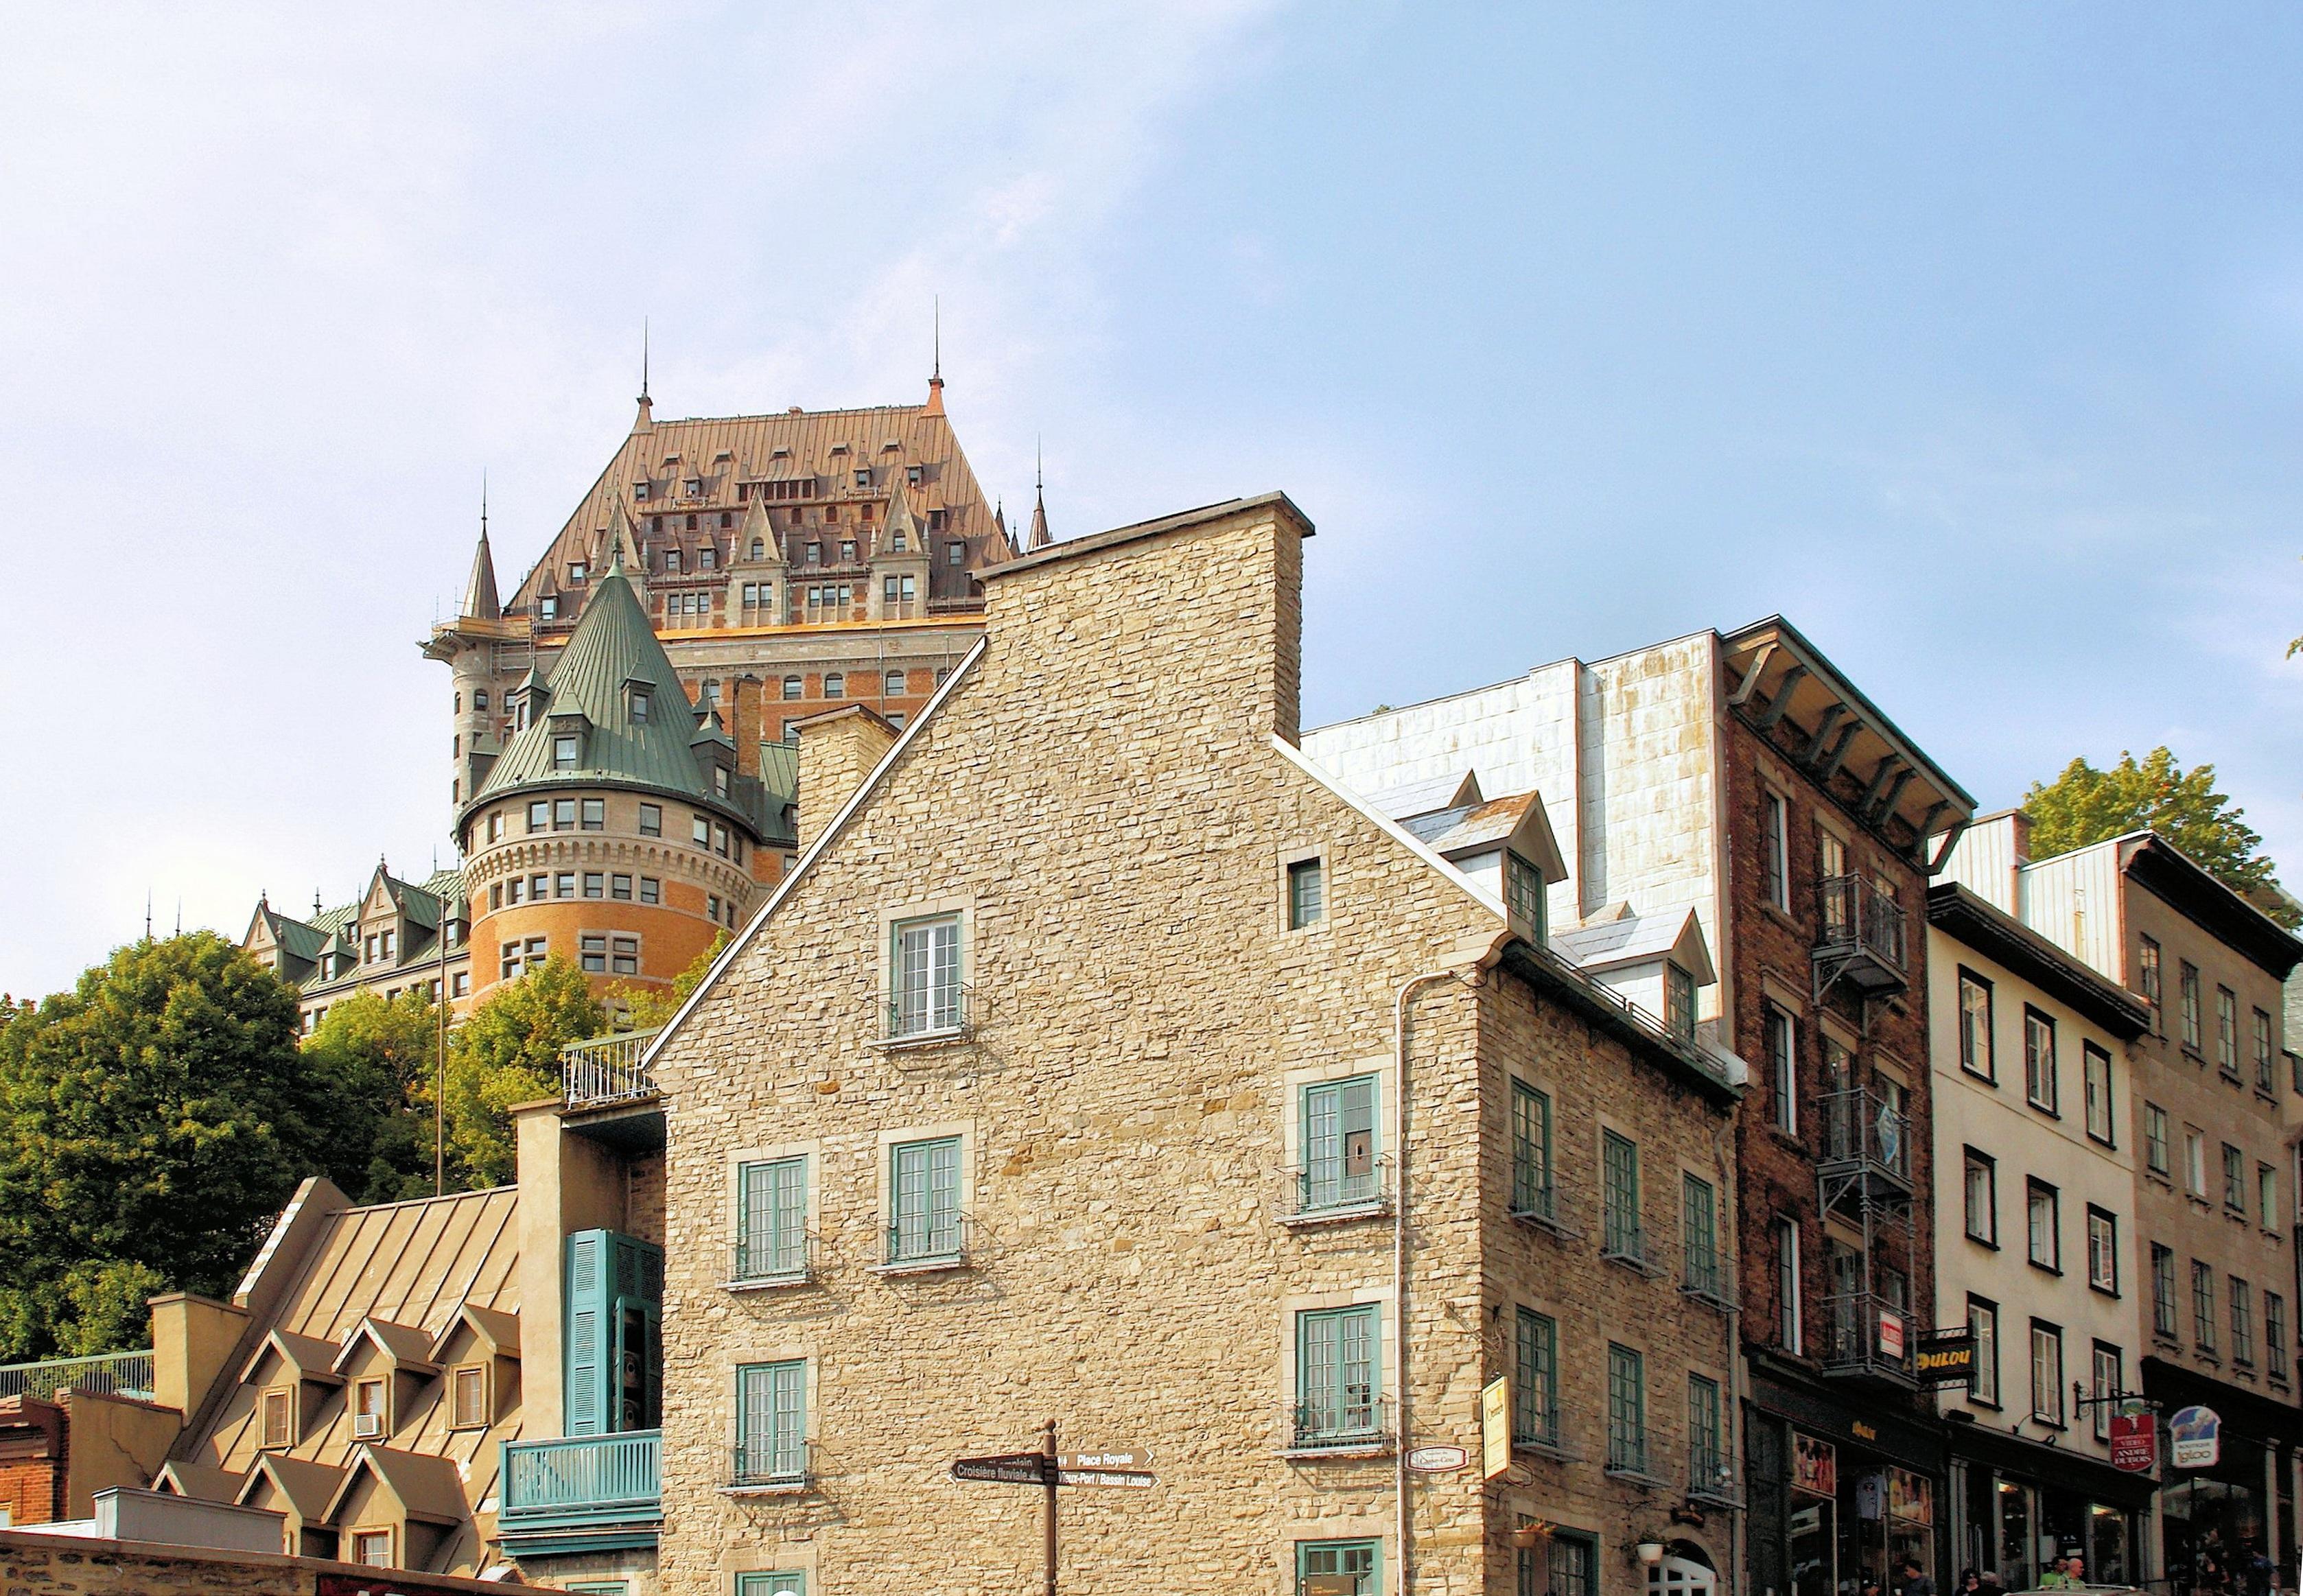 Images Gratuites : architecture, rue, maison, ville, village, façade ...